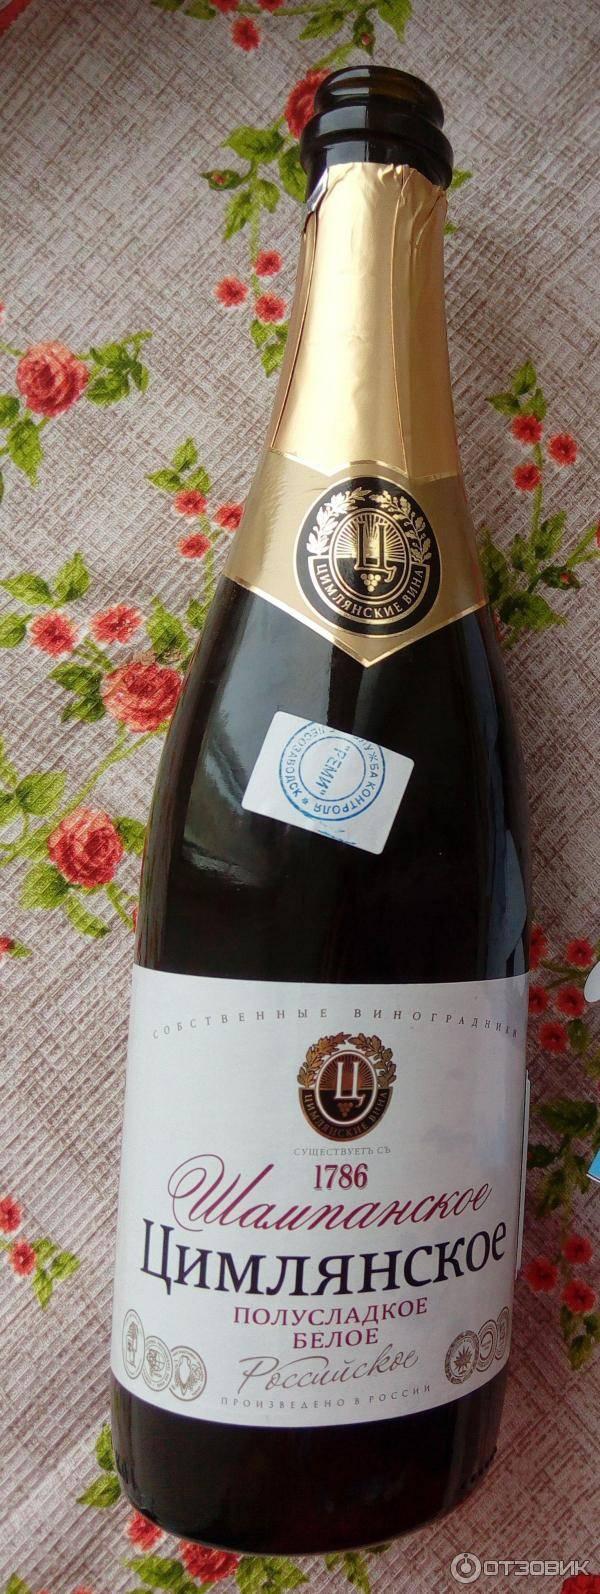 Цимлянское шампанское и его особенности. цимлянское шампанское – на зависть старому свету цимлянское выдержанное